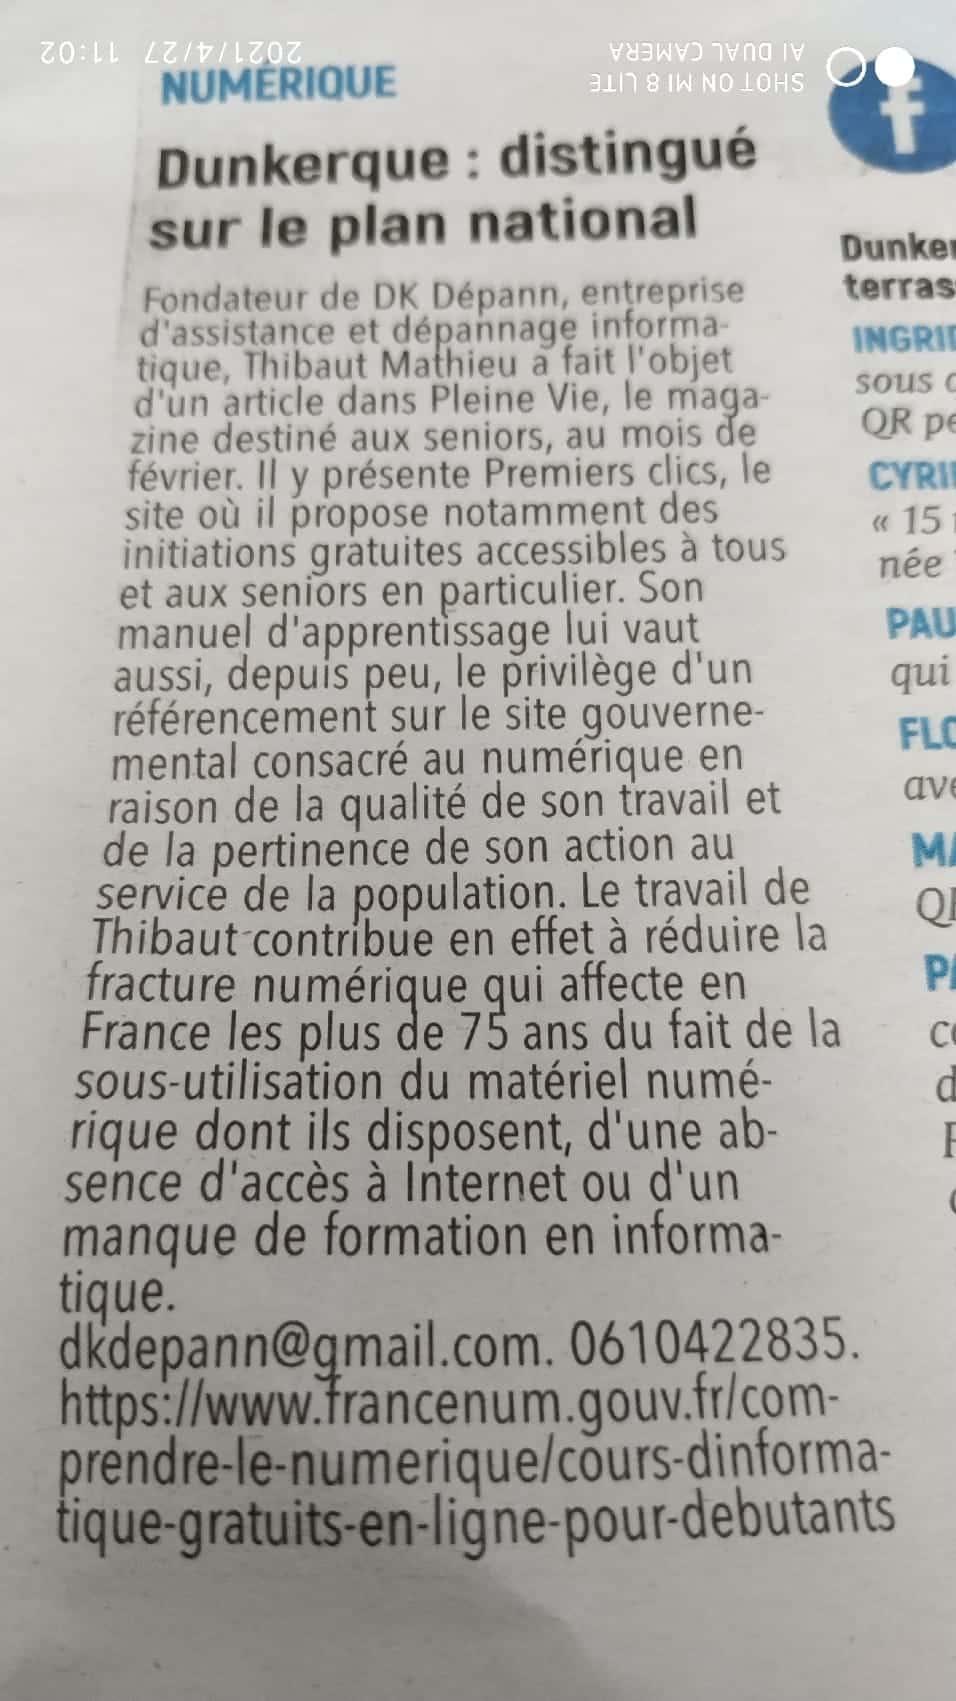 Presse - Article du Phare Dunkerquois sur DK Dépann